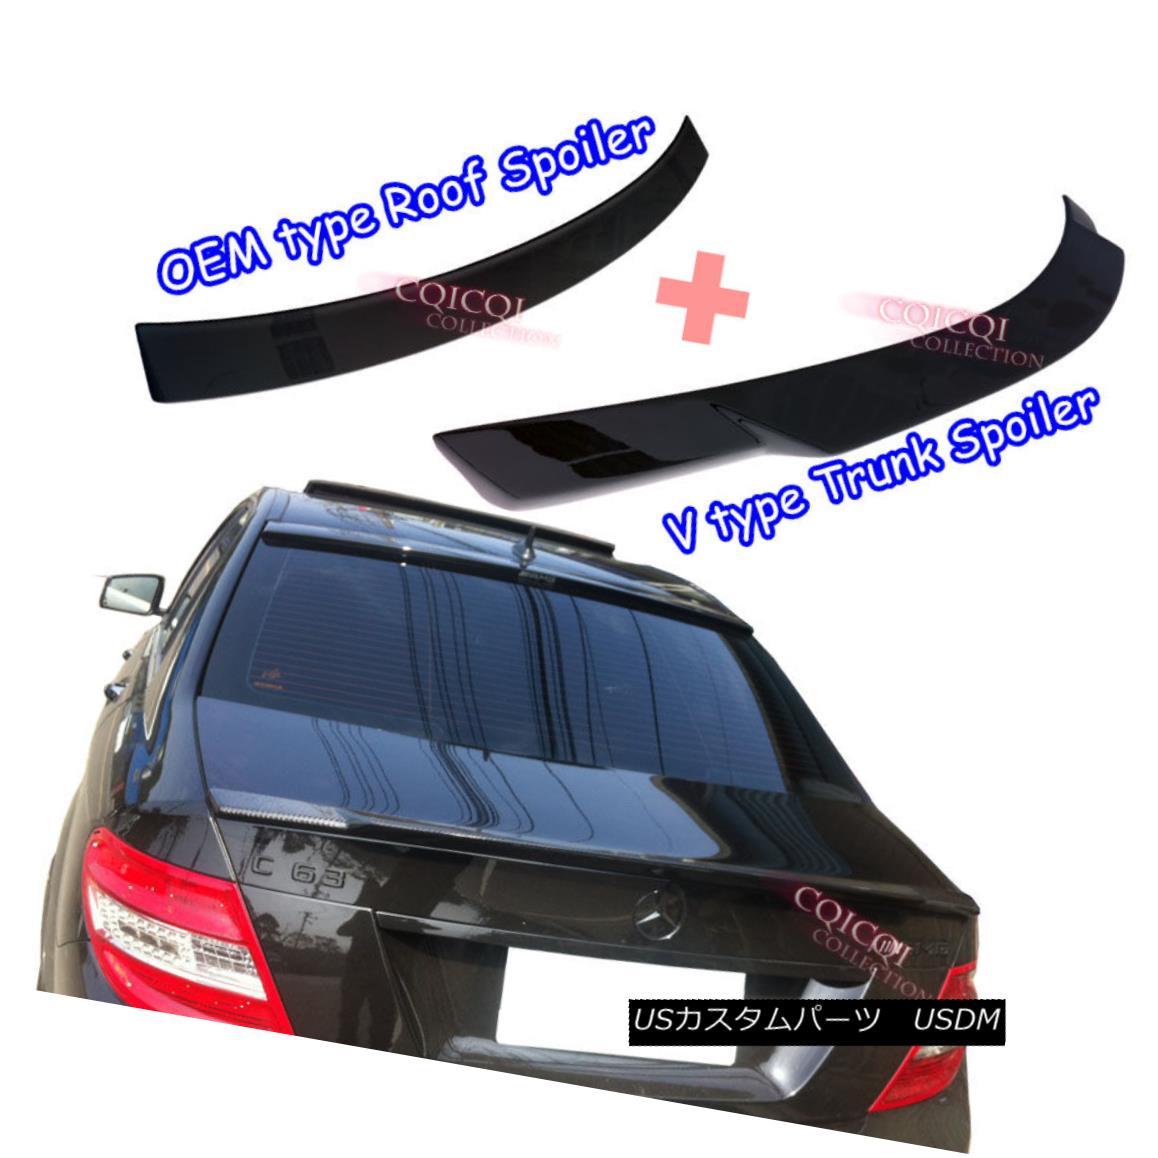 エアロパーツ Painted BENZ W204 C Sedan V type trunk spoiler +OE type roof spoiler color:040 ◎ ペイントベンツW204 CセダンVタイプトランクスポイラー+ OEタイプルーフスポイラーカラー:040?